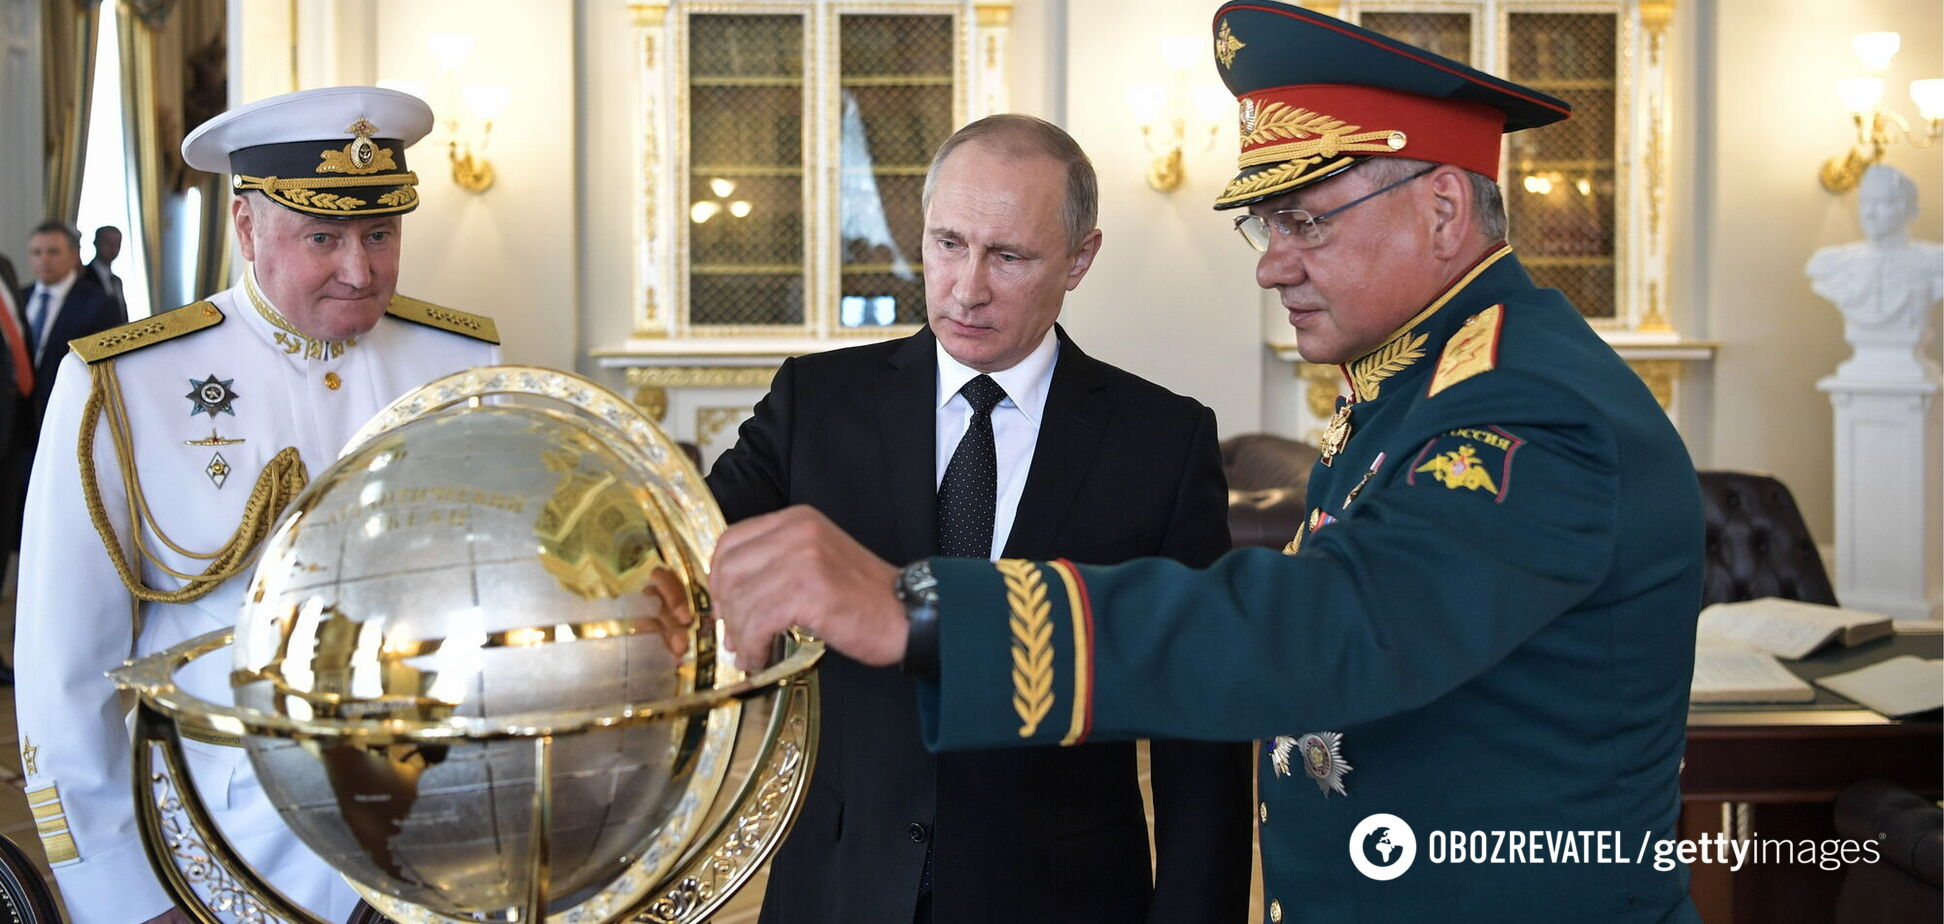 Наступательный глагол Путина: почему он не перестанет воевать